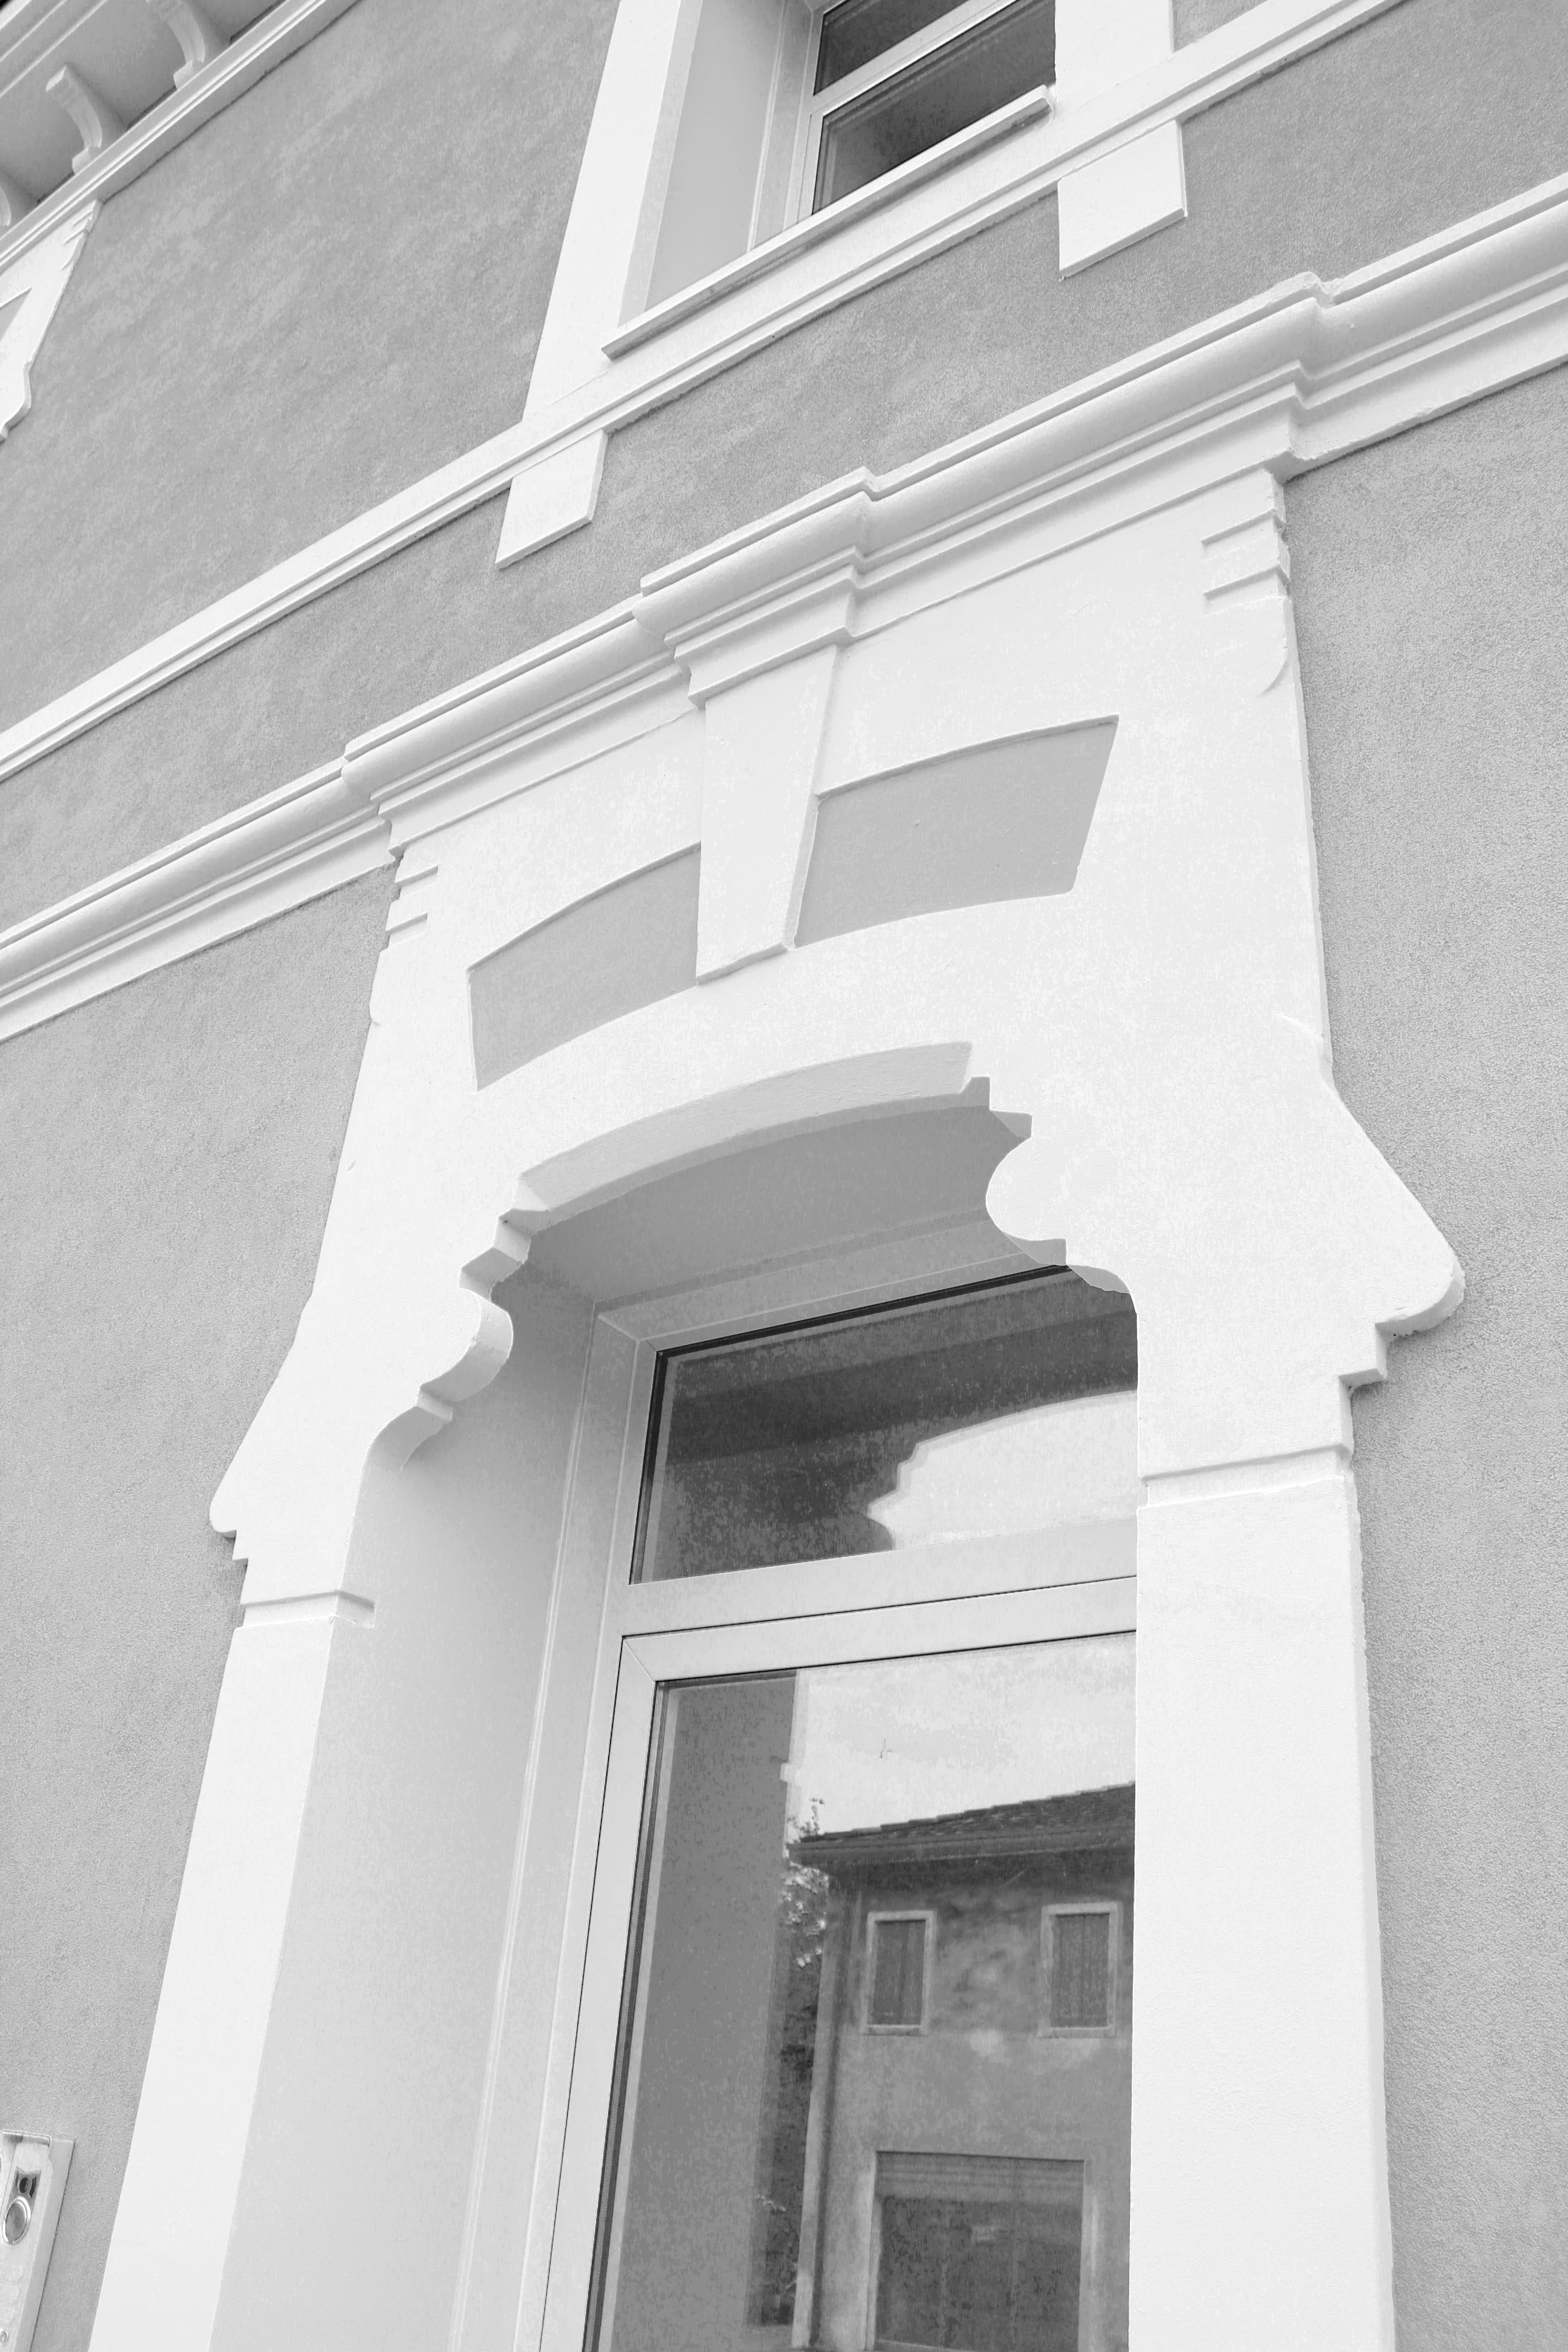 Decorazioni per finestre cornici per facciate cornici decorative per esterni cornici in - Decori per finestre esterne ...